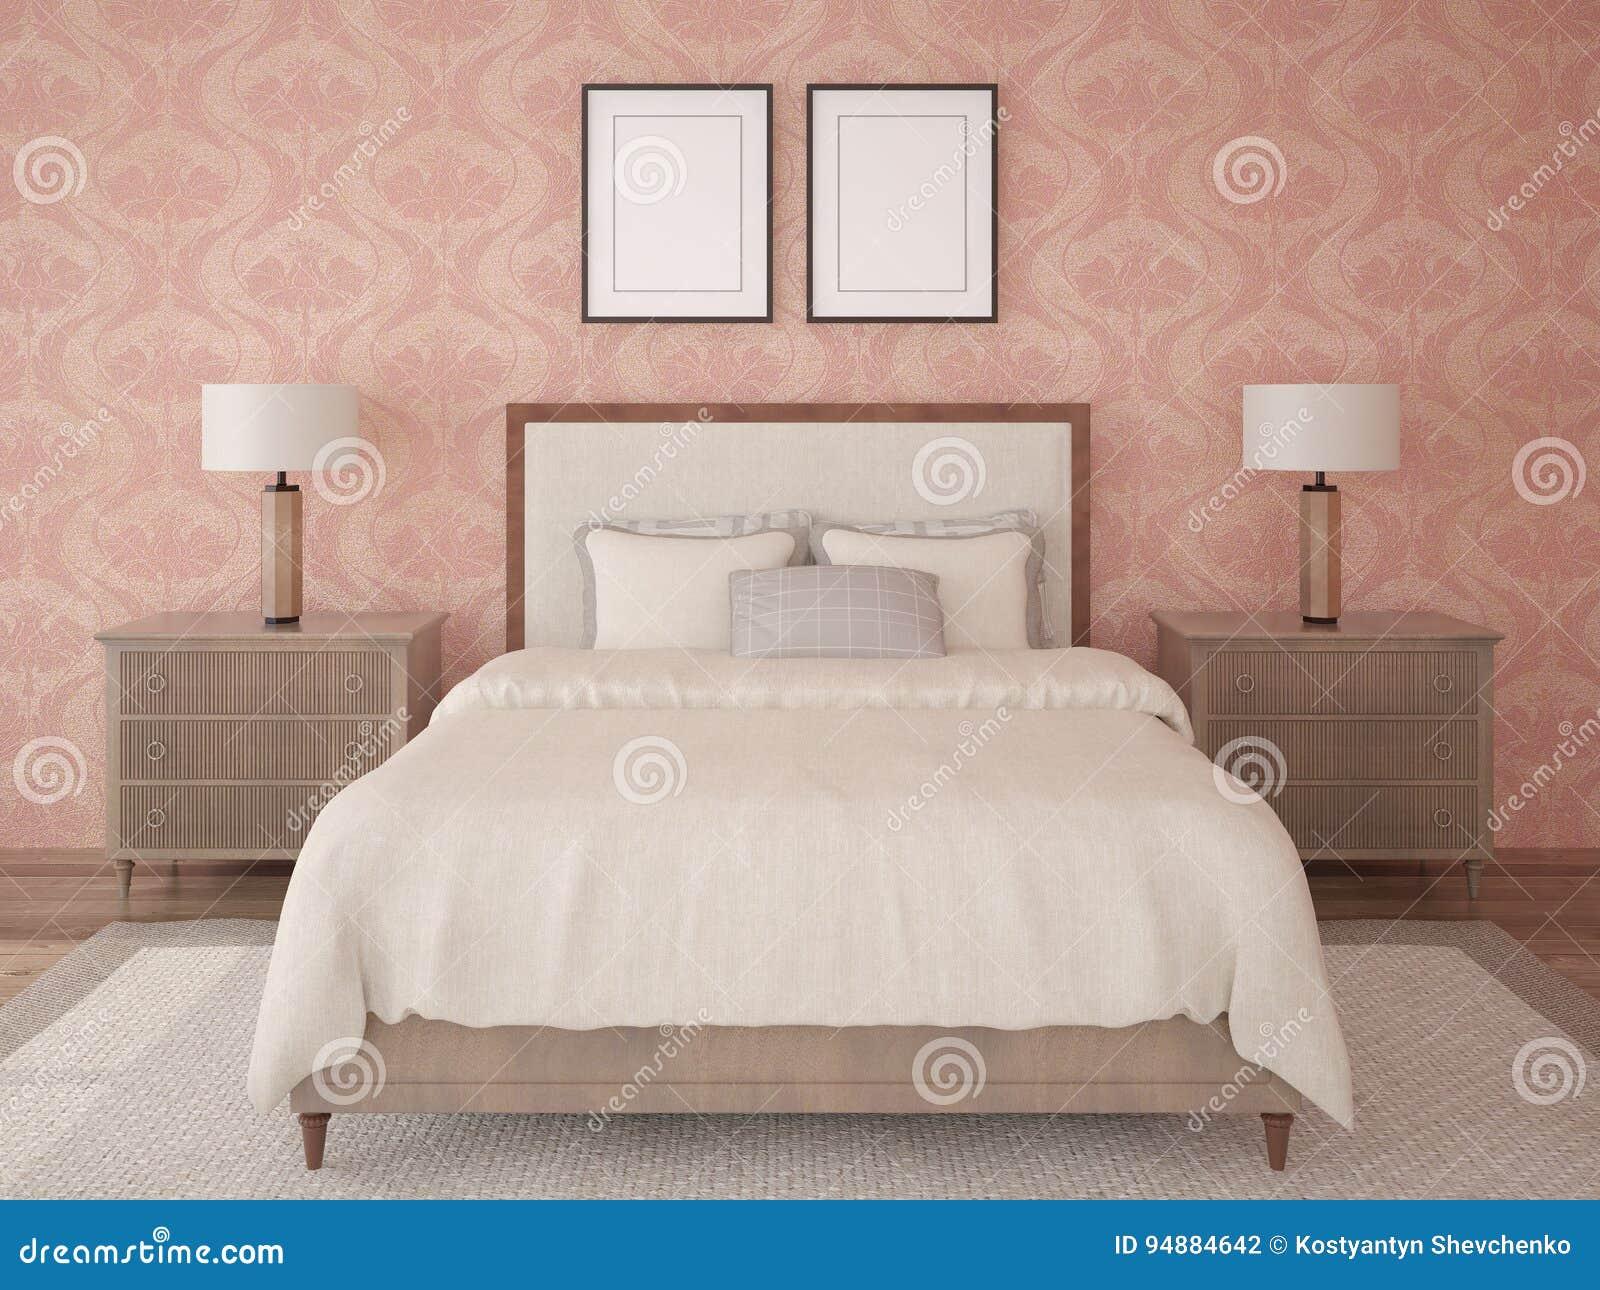 spot omhoog een klassieke slaapkamer met een bed in retro stijl, Deco ideeën